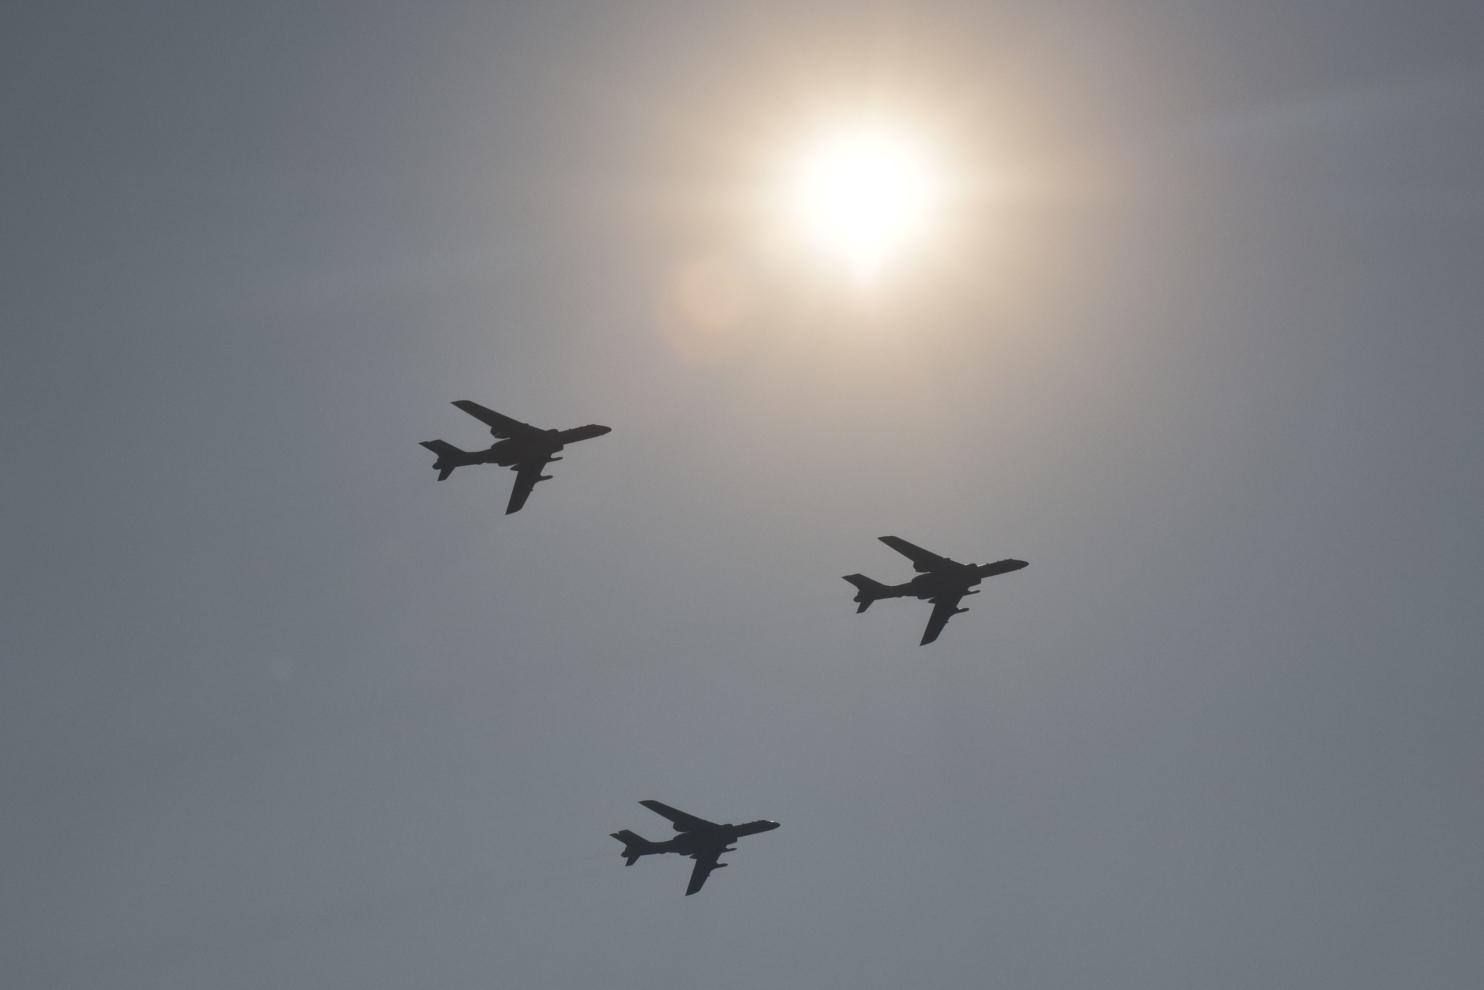 Một đội hình máy bay ném bom H-6K quân sự bay qua Bắc Kinh trong cuộc duyệt binh tại Quảng trường Thiên An Môn vào ngày 1/10/2019, để kỷ niệm 70 năm ngày thành lập nước Cộng hòa Nhân dân Trung Hoa. (GREG BAKER / AFP qua Getty Images)